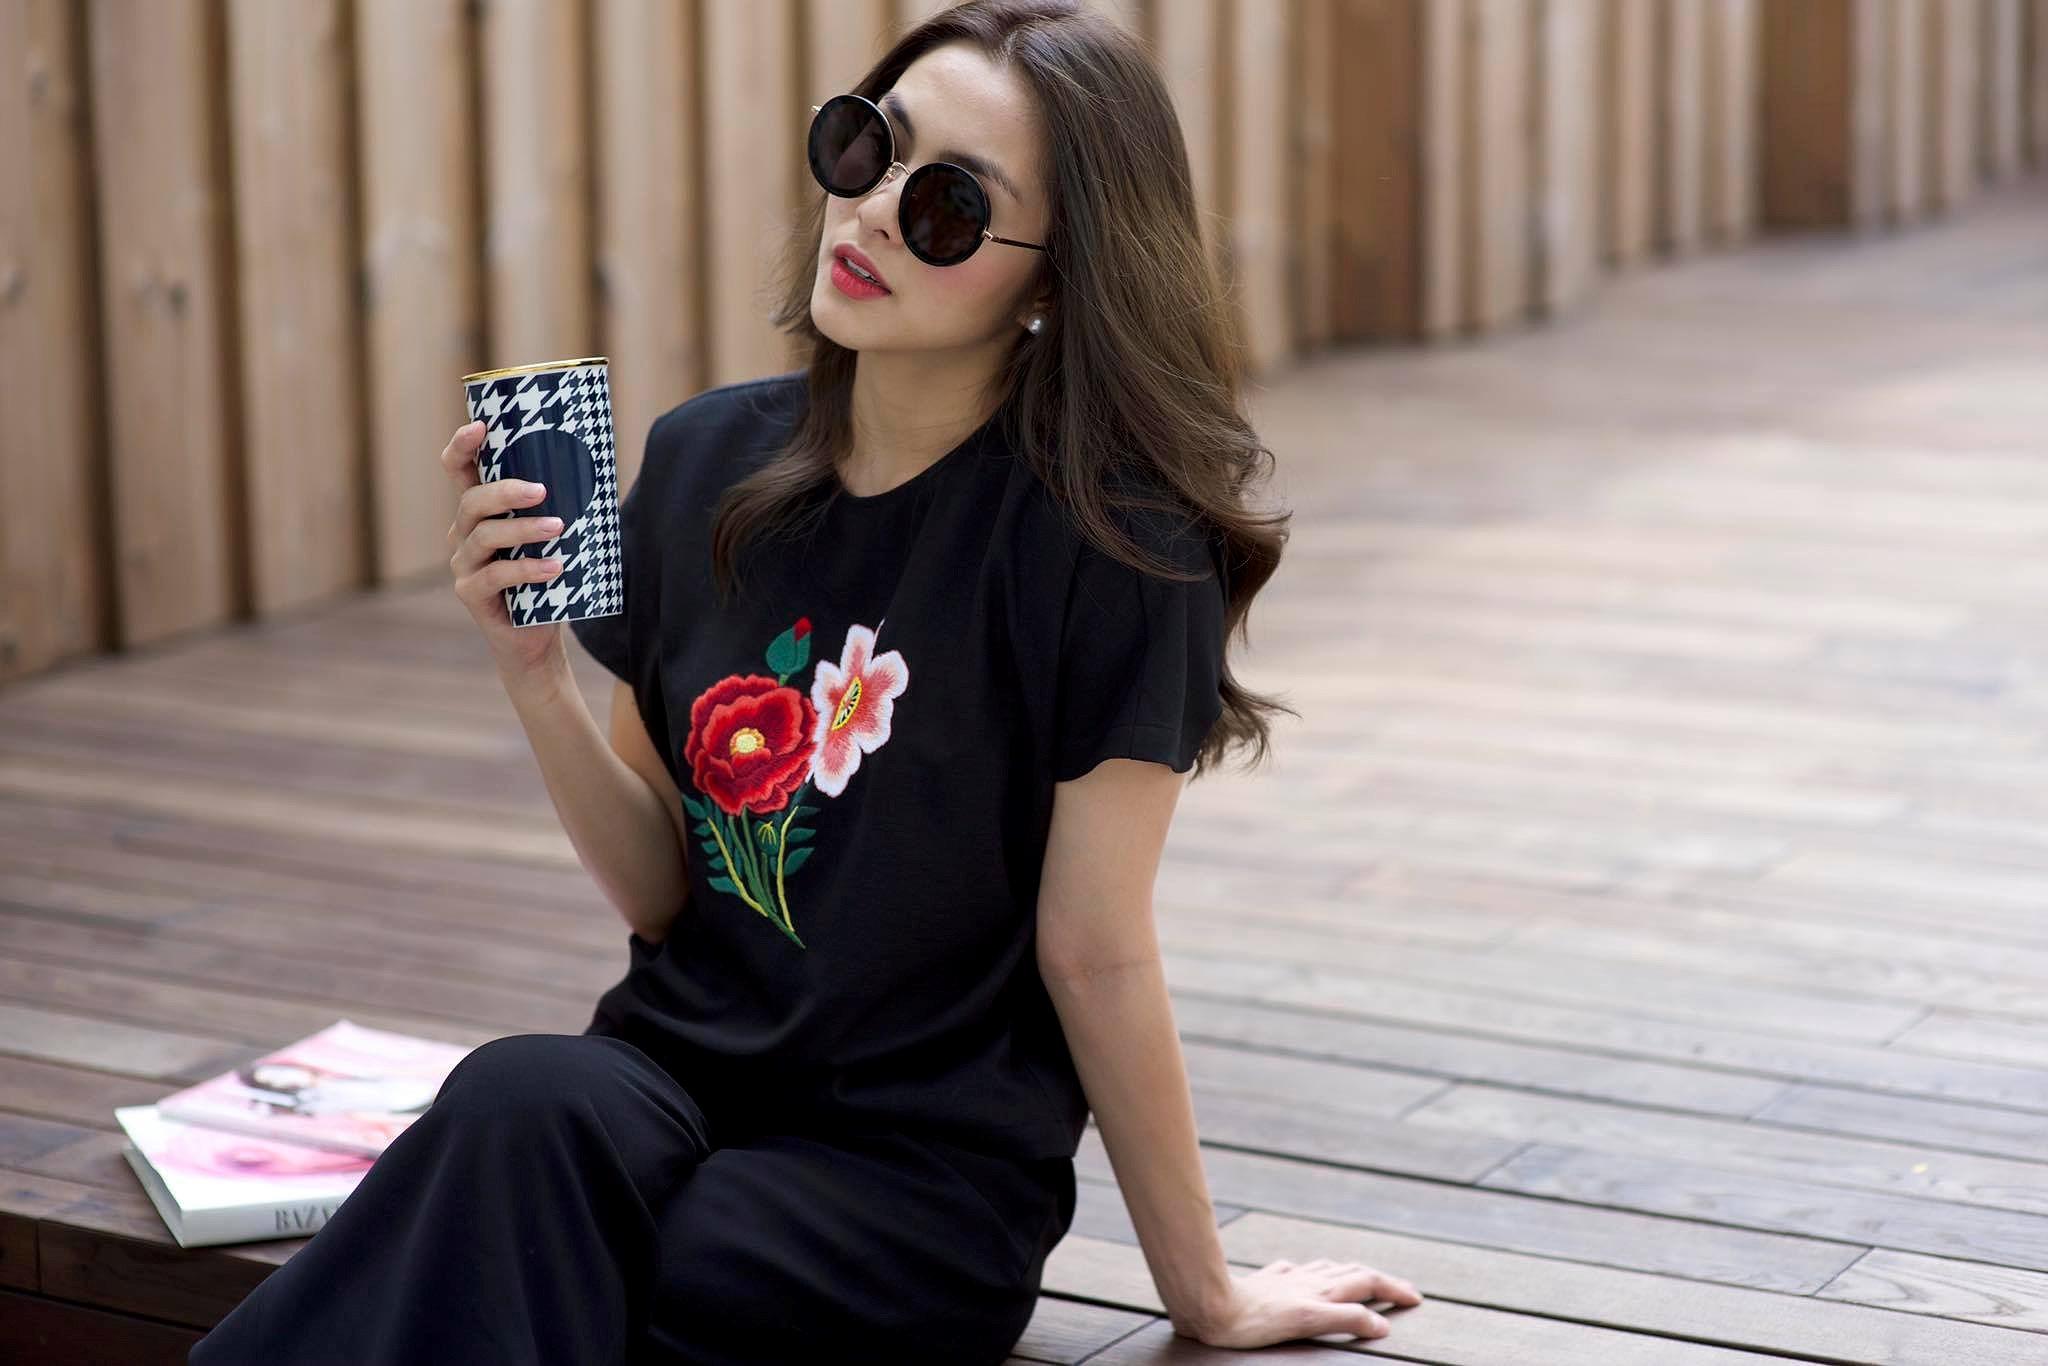 Chỉ mặc giản dị, Tăng Thanh Hà vẫn đẹp rạng rỡ và tươi trẻ ở tuổi 33 Ảnh 14